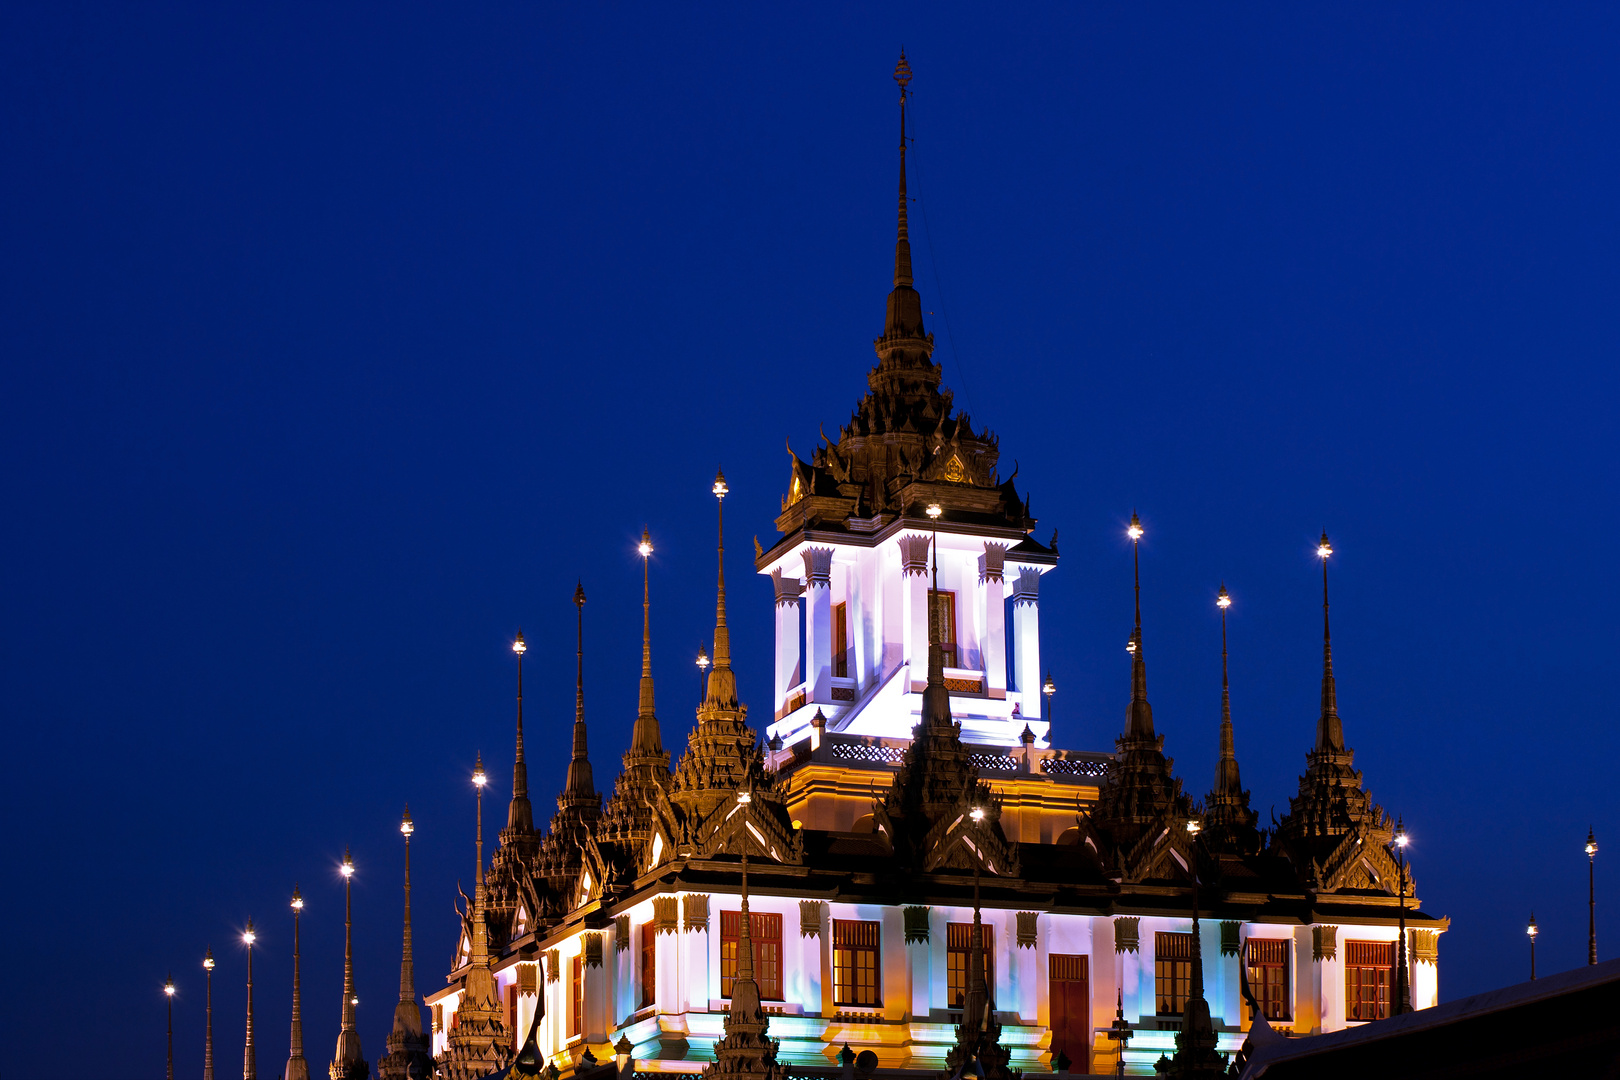 Loha Prasat at nighttime